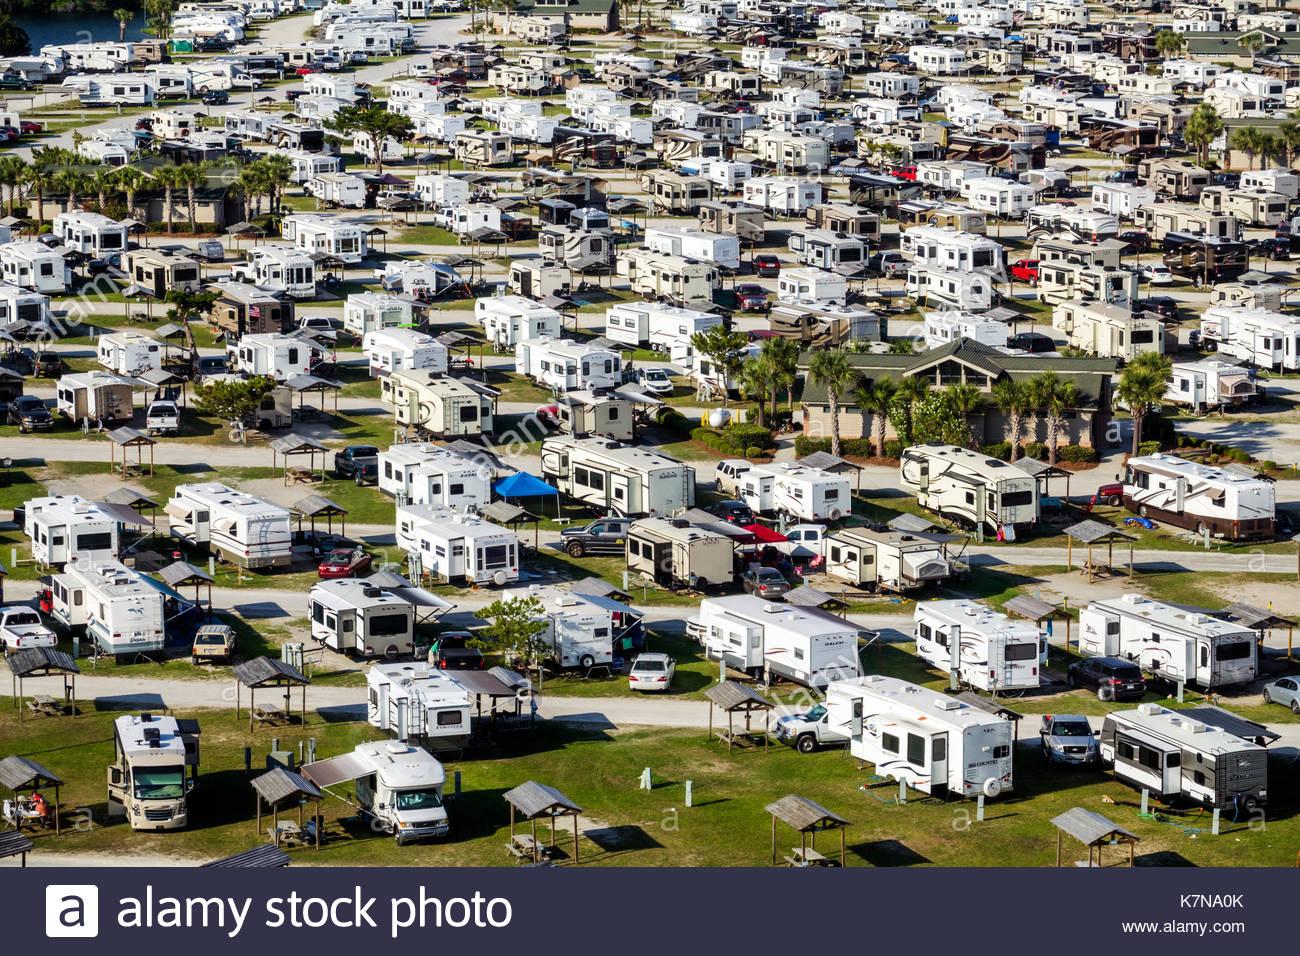 Myrtle Beach South Carolina SC Myrtle Beach Travel Park RV vehículos recreacionales tráiler caravan park camping antena vista de pájaro sobre techo Imagen De Stock